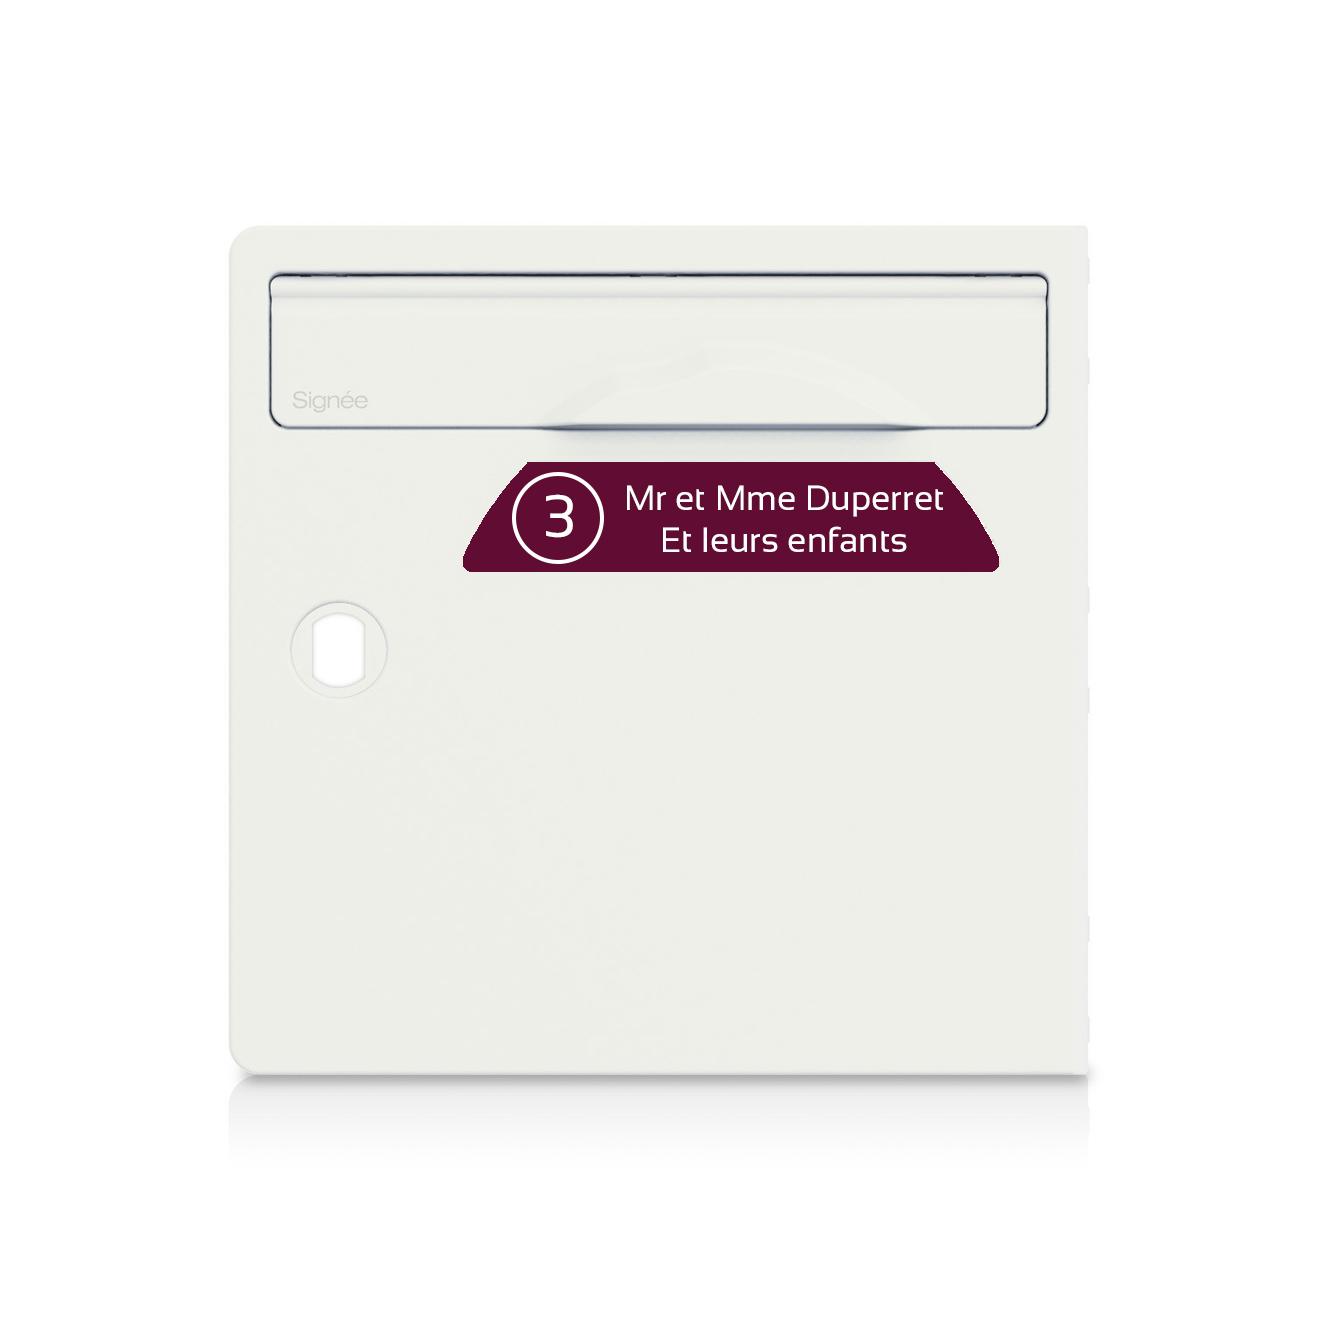 plaque boite aux lettres Signée NUMERO bordeaux lettres blanches - 2 lignes